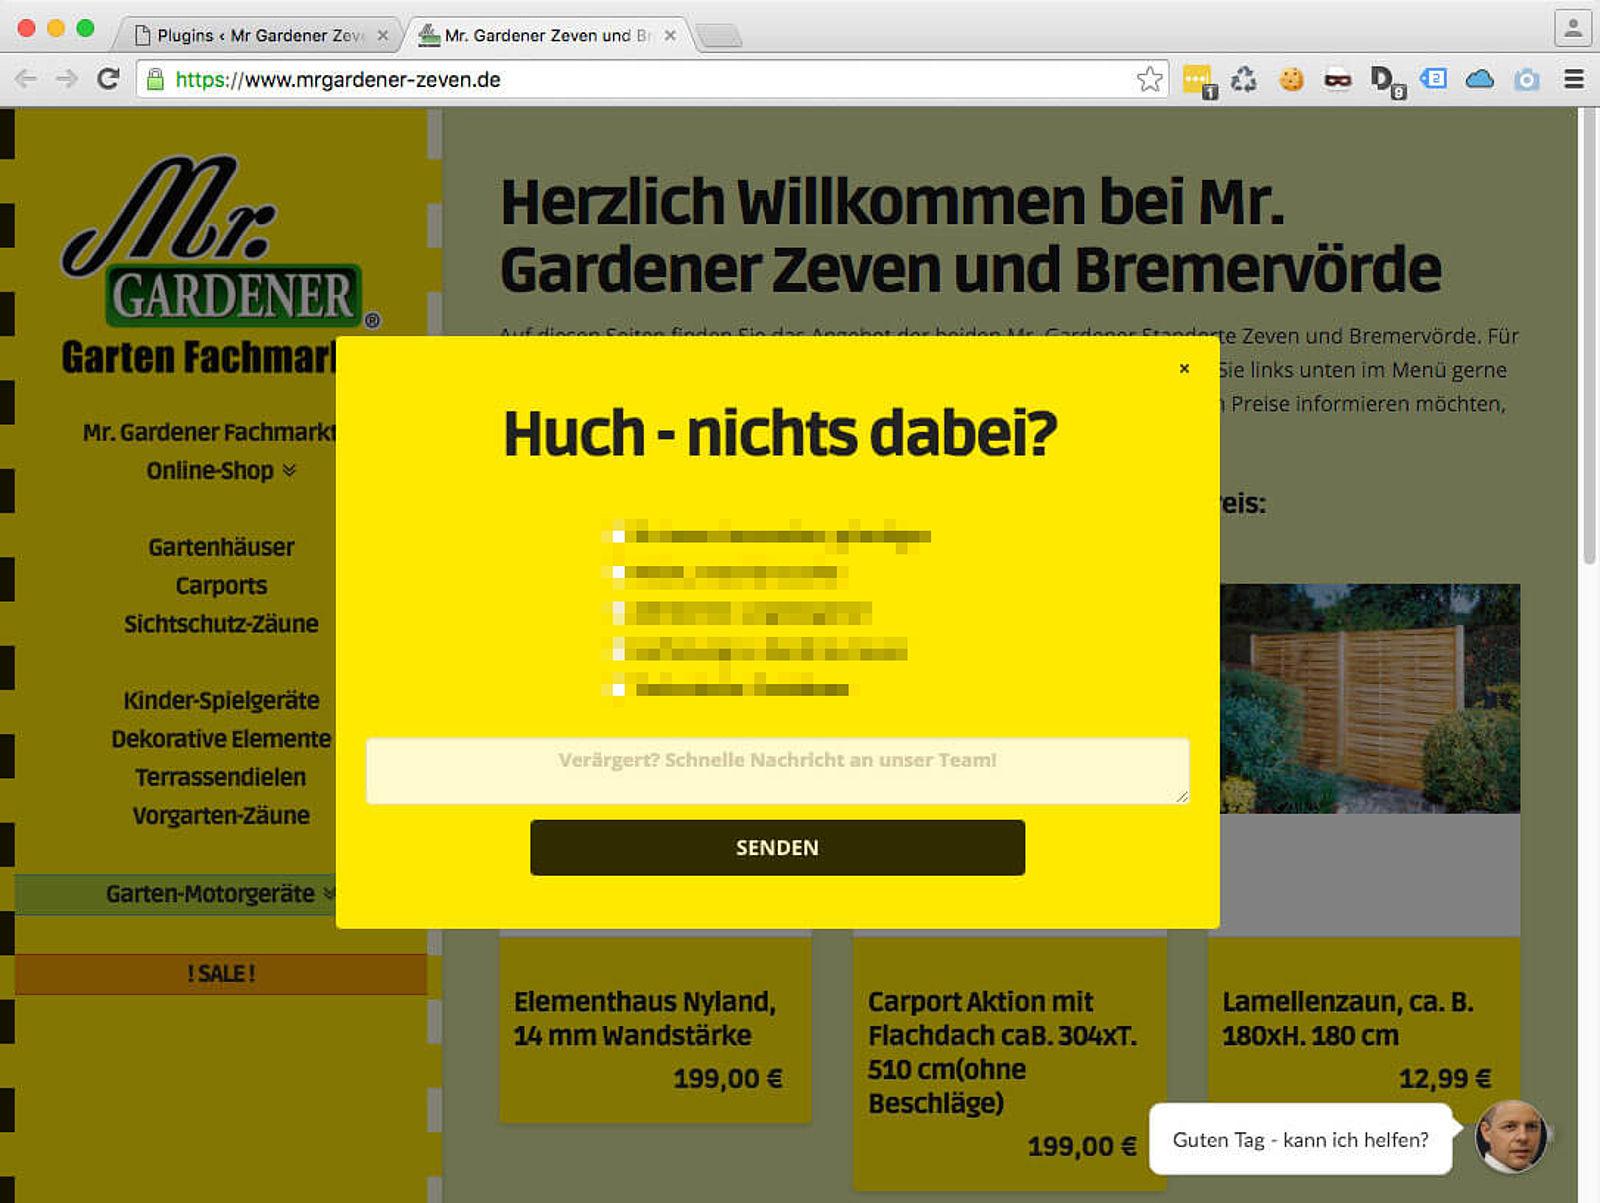 Essay Digital Customer Insight Fur Hagebau Mr Gardener